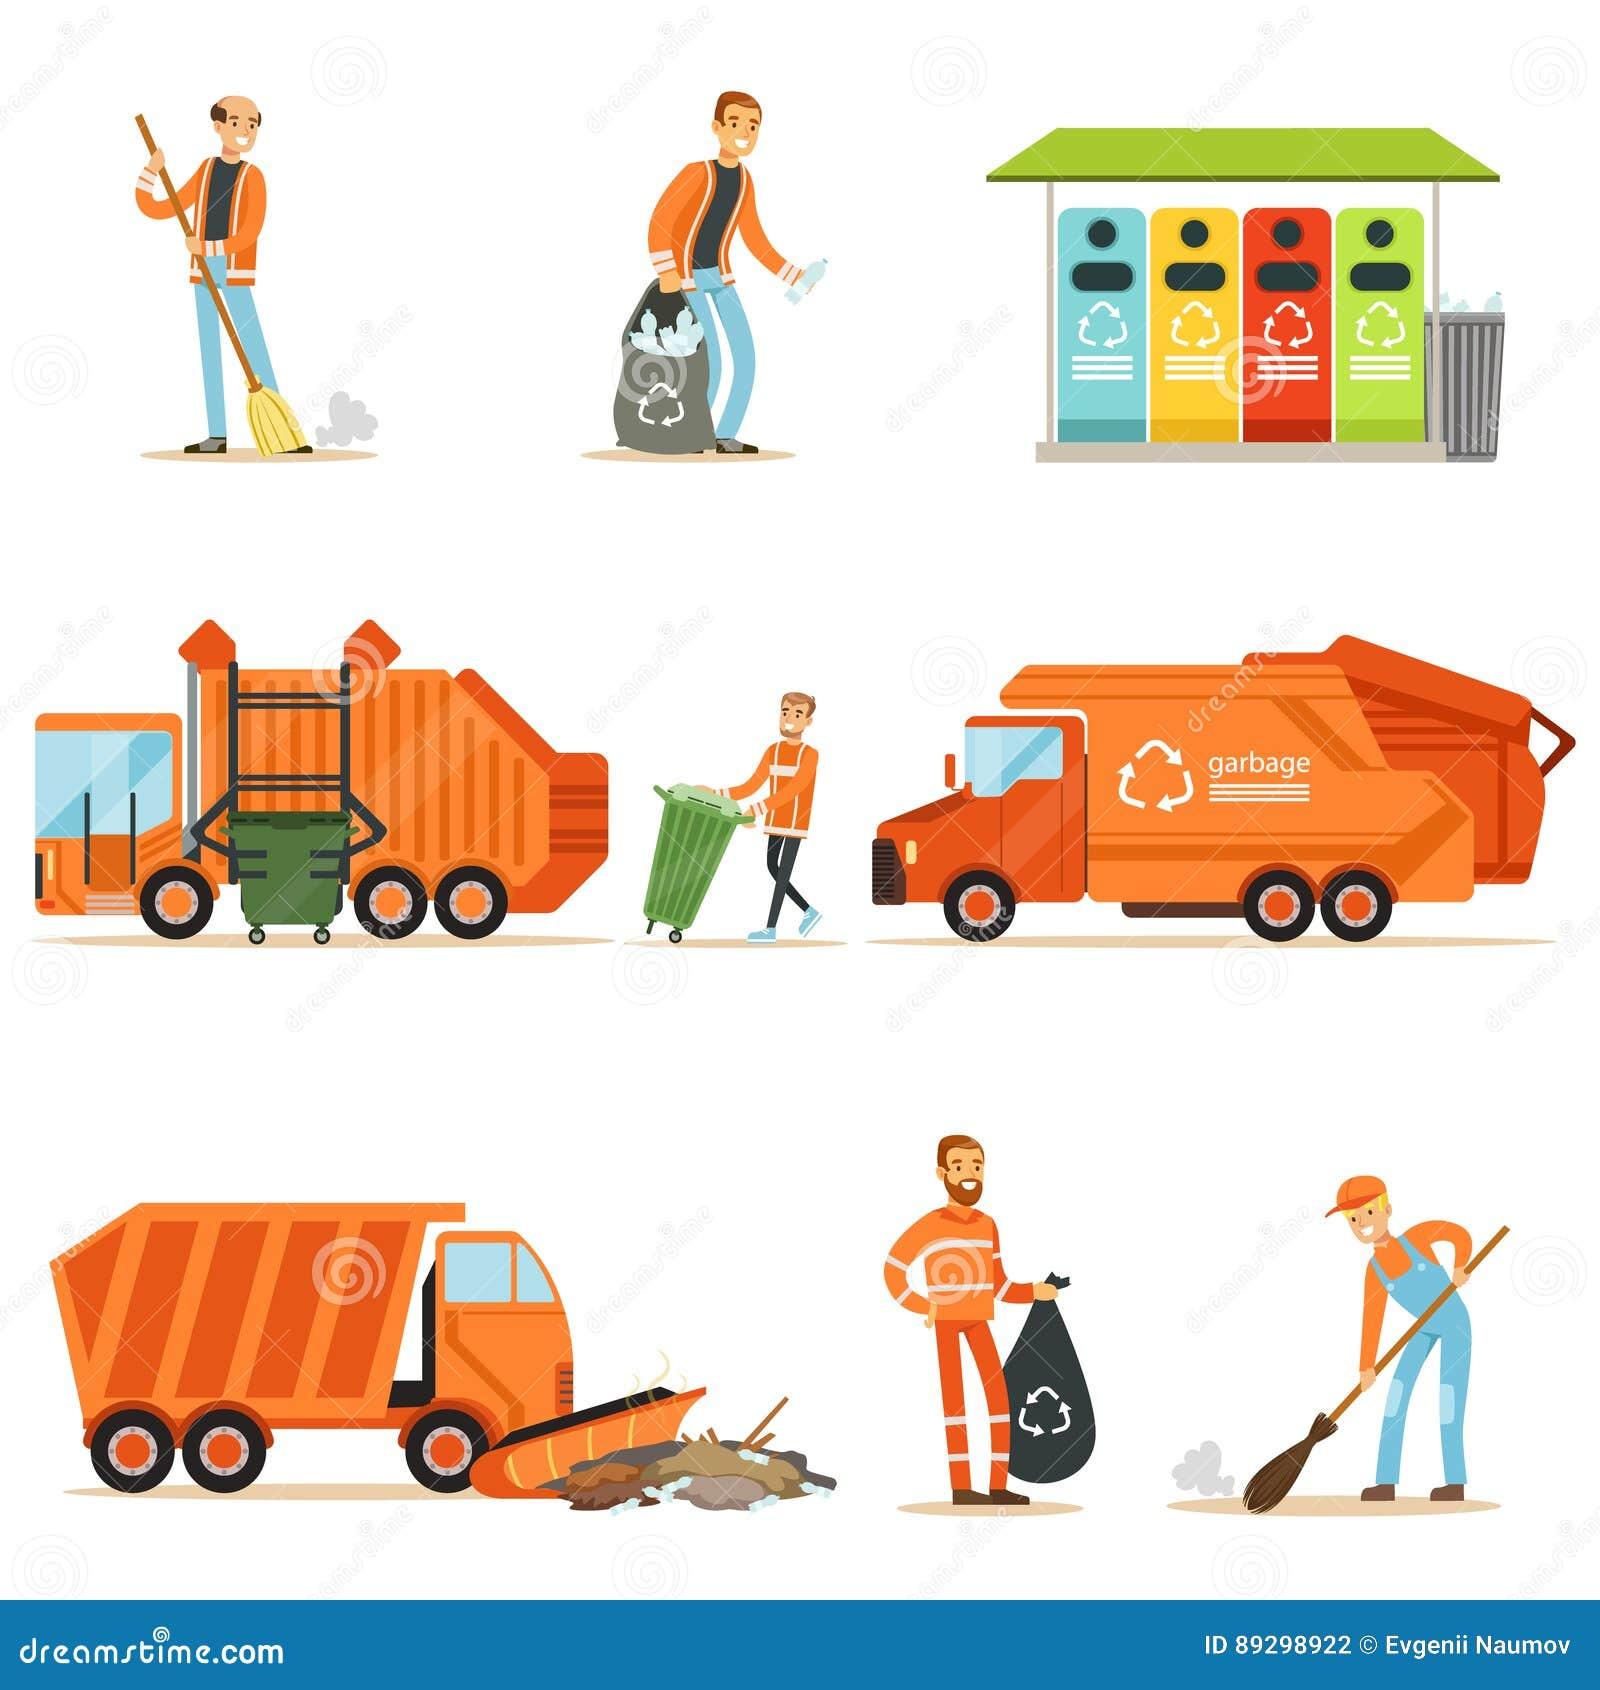 Coletor De Lixo At Work Set Das Ilustracoes Com Reciclagem De